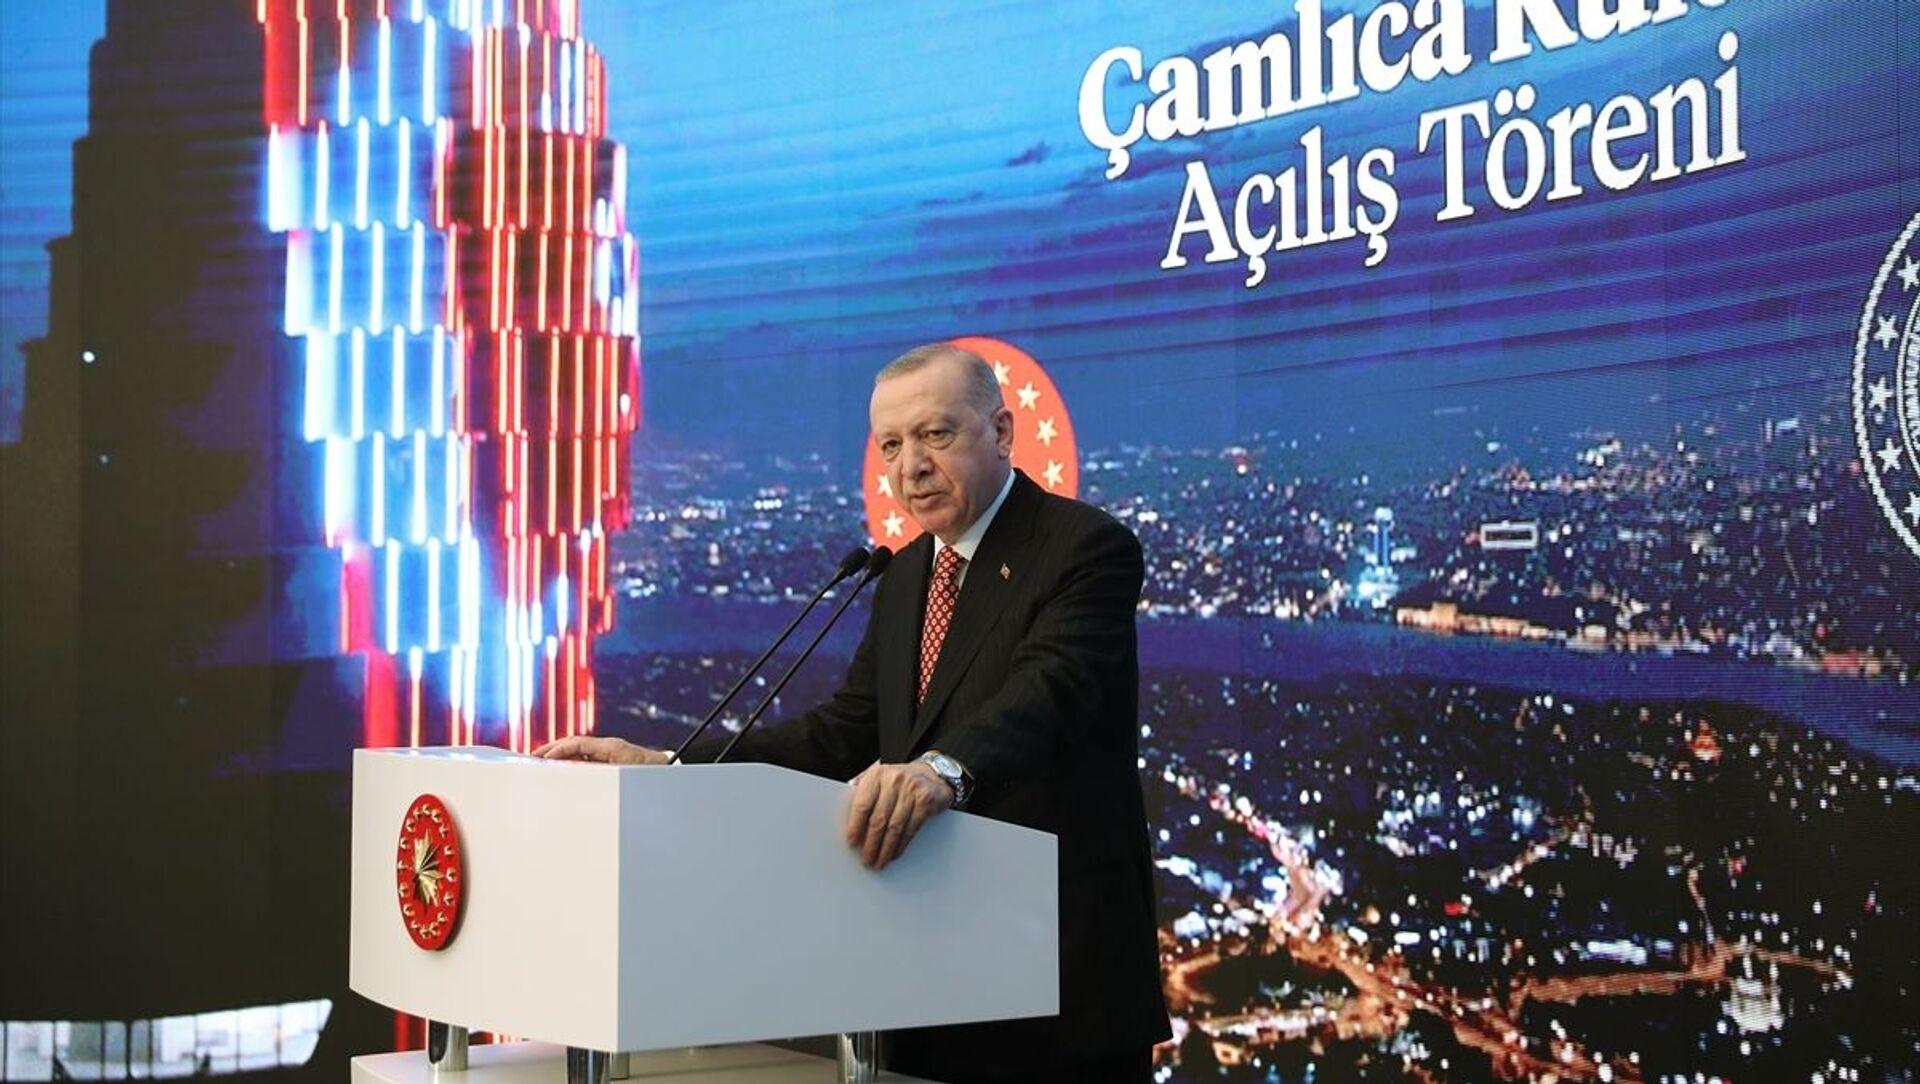 Cumhurbaşkanı Recep Tayyip Erdoğan - Çamlıca Kulesi Açılış Töreni - Sputnik Türkiye, 1920, 29.05.2021